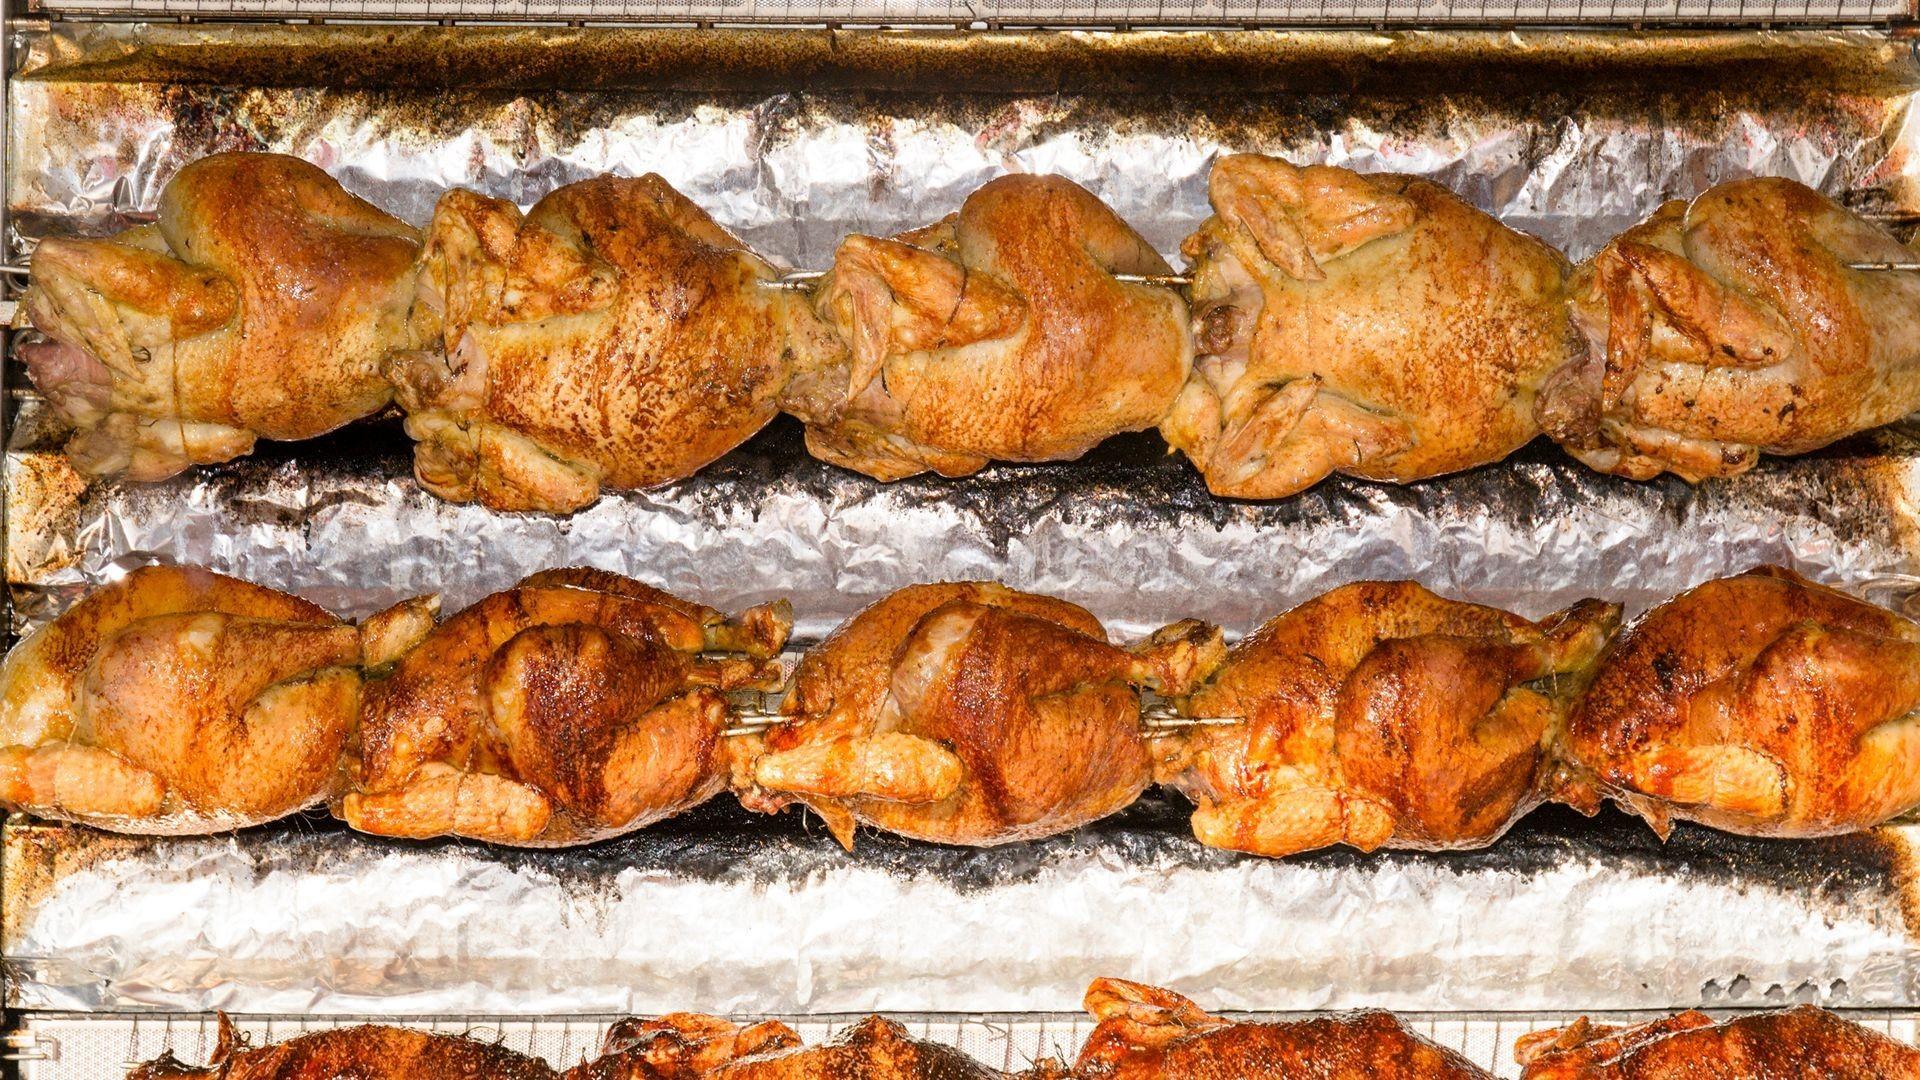 Pollos asados para llevar en Málaga